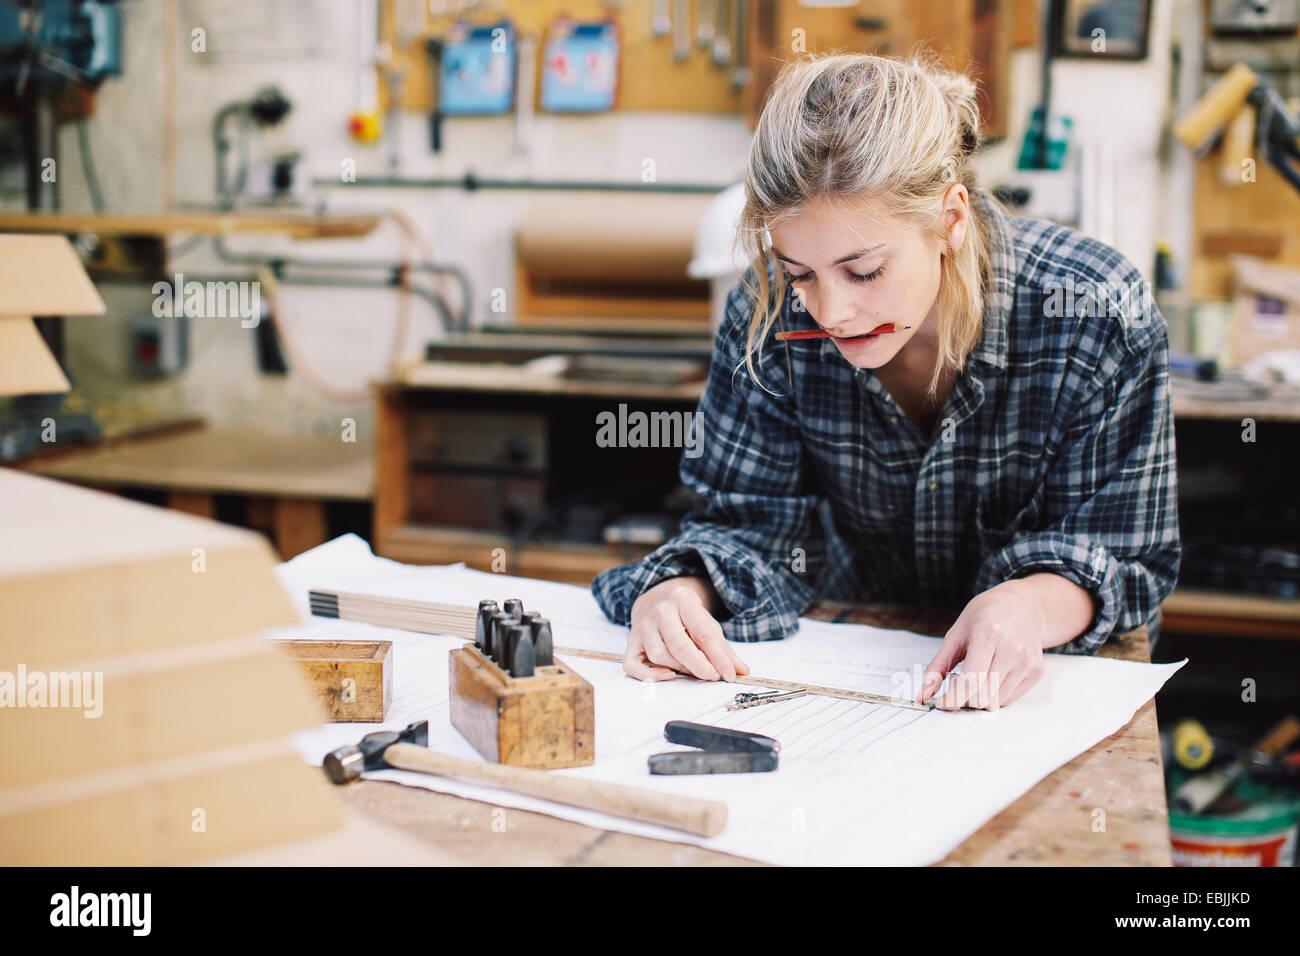 Joven artesana blueprint de medición sobre un banco de trabajo en el taller de órgano de tubos Imagen De Stock